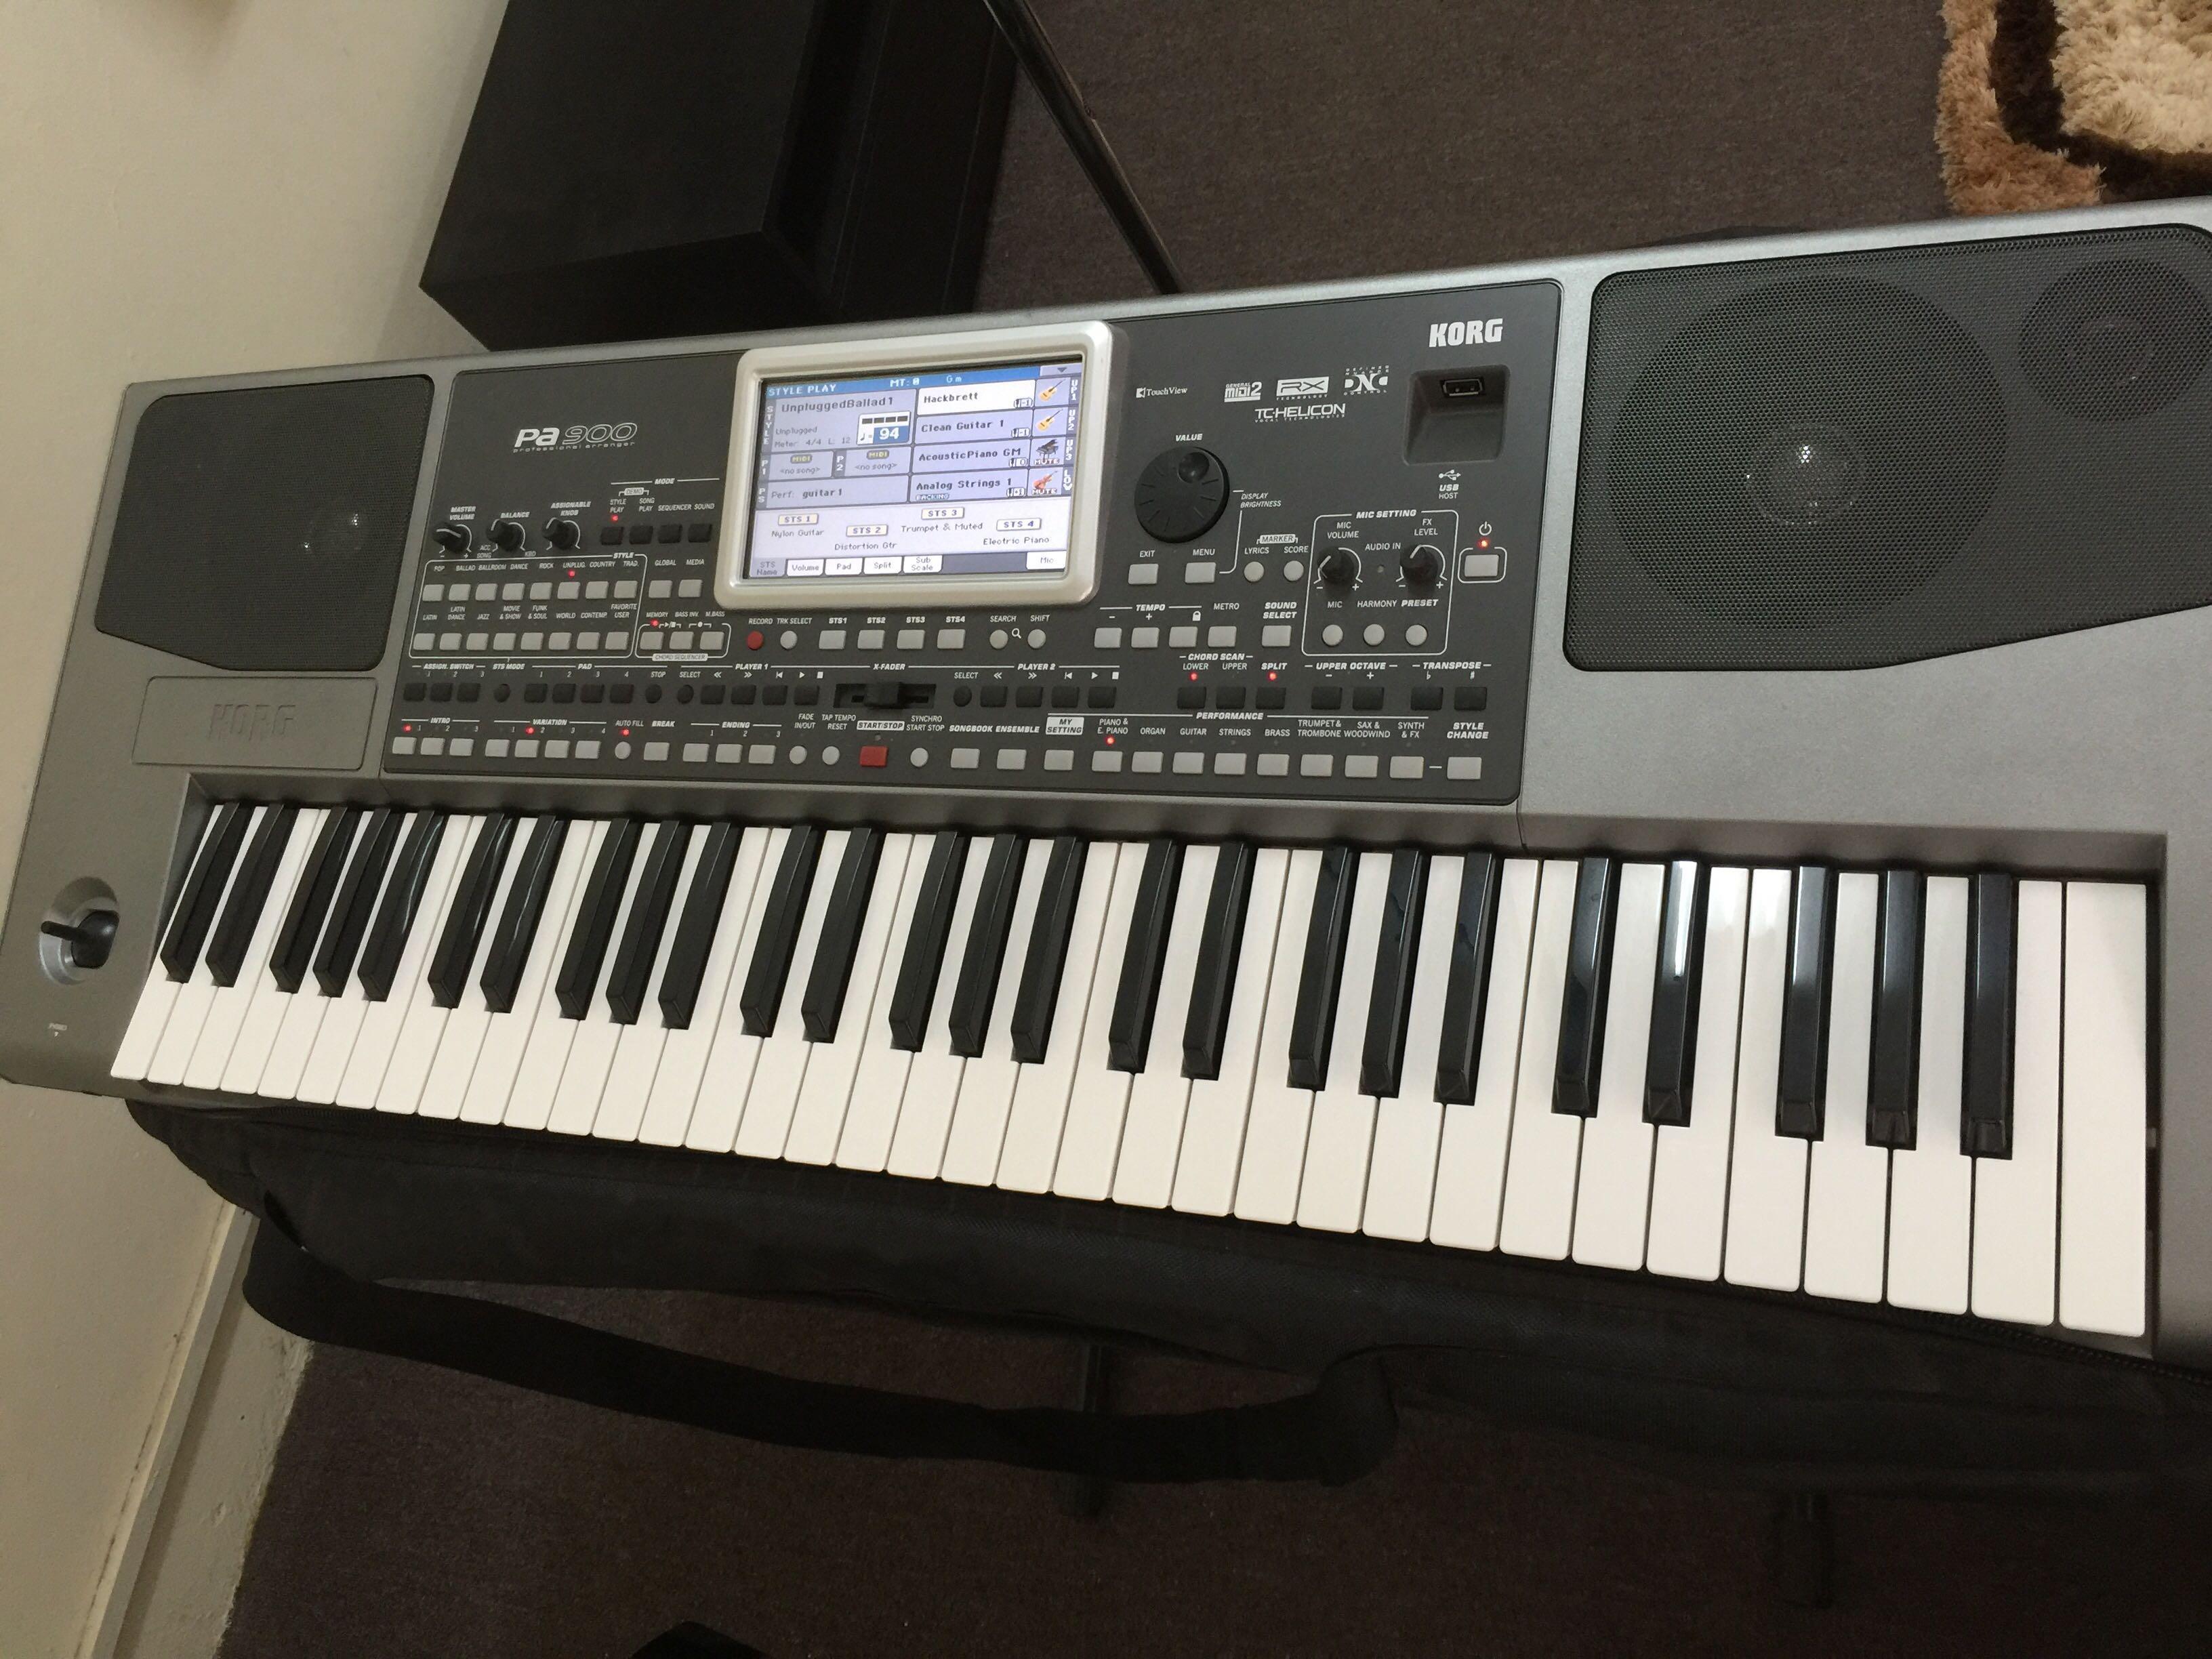 KORG PA900 Arranger keyboard for sale | Qatar Living